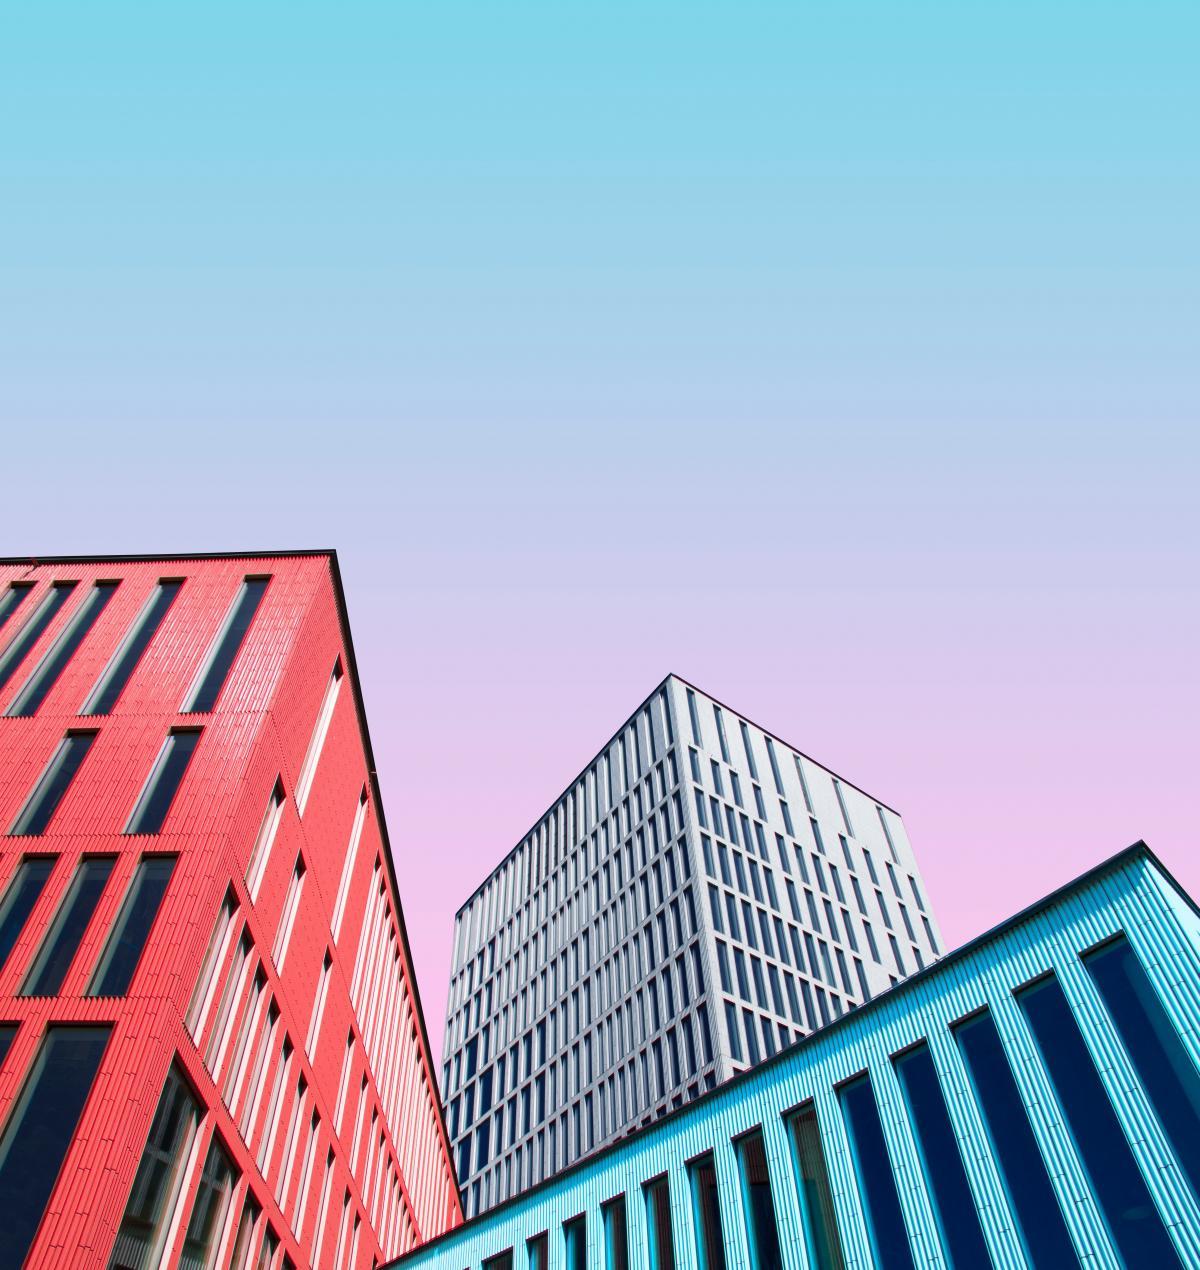 Skyscraper Architecture City #420565